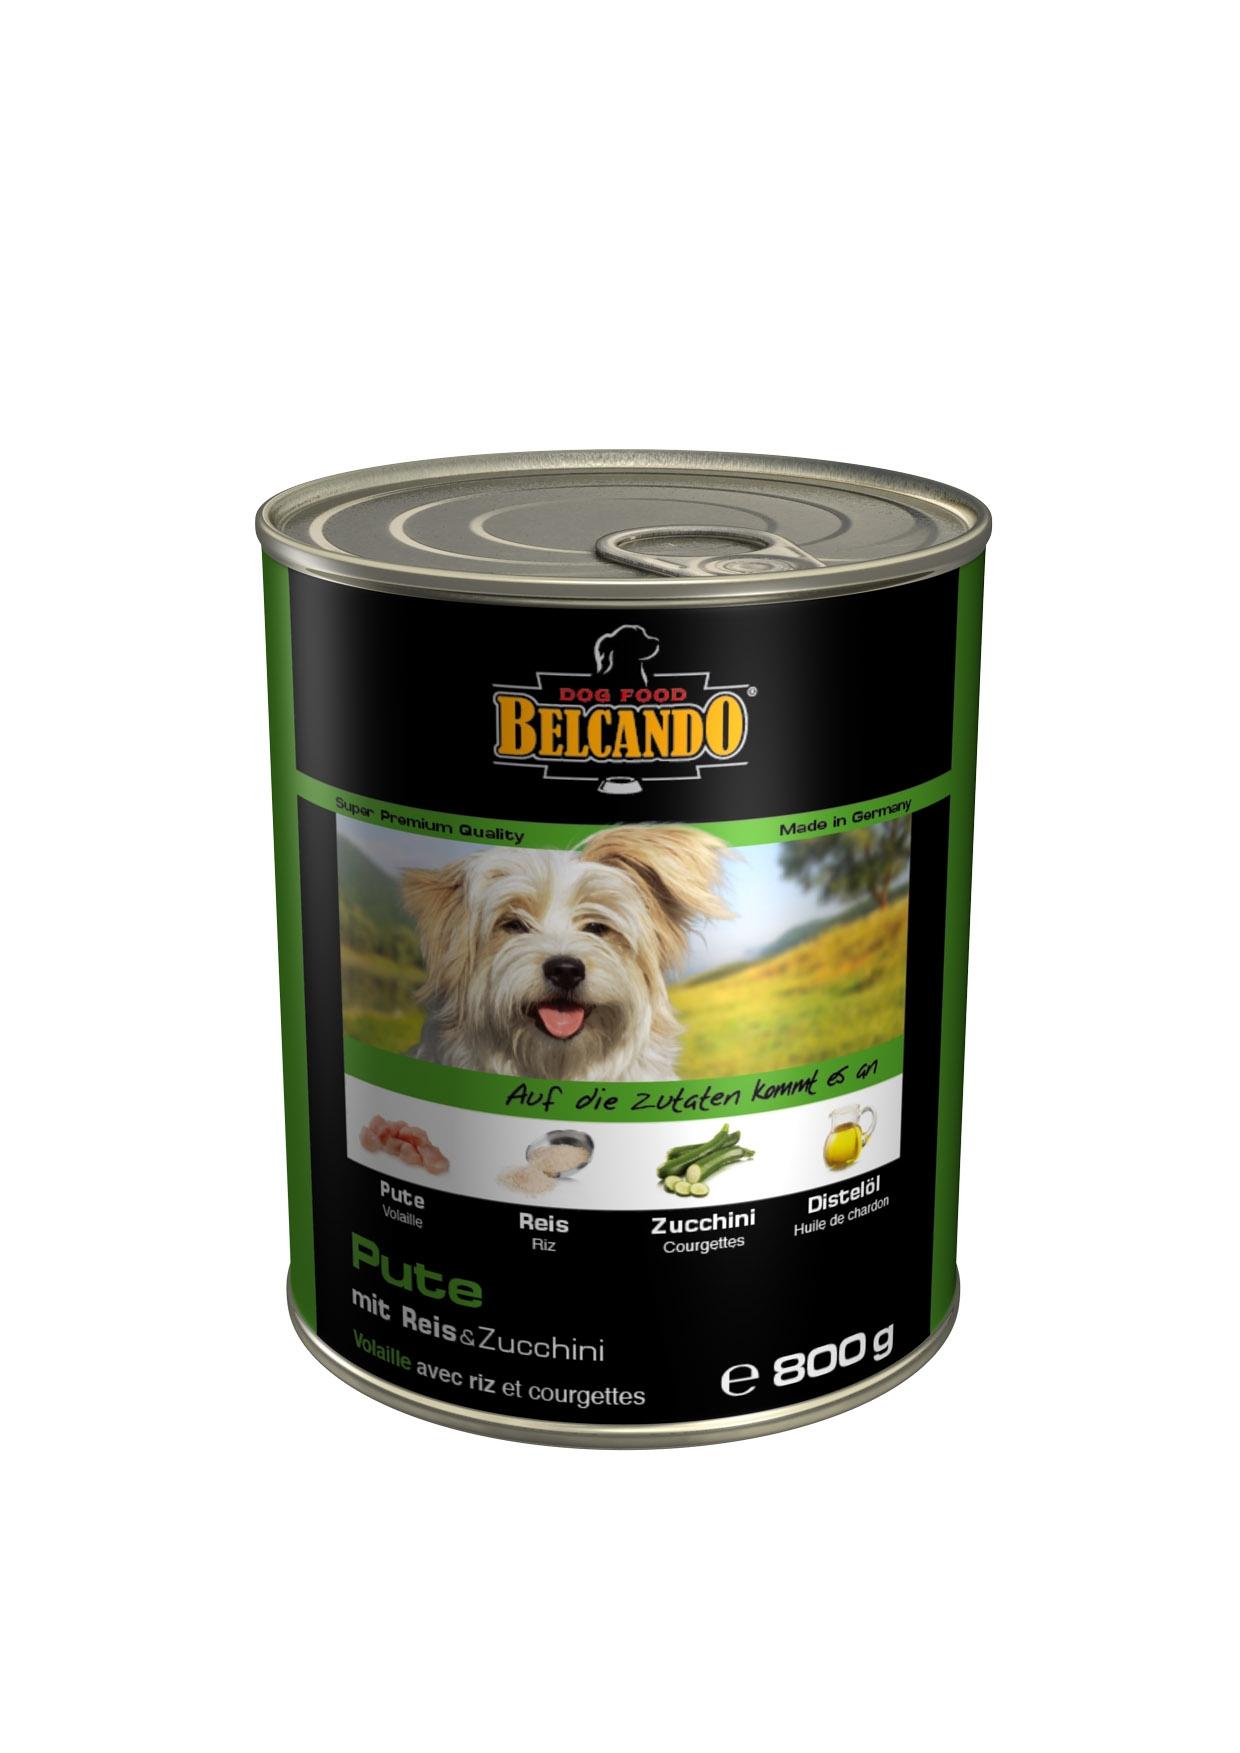 Консервы для собак Belcando, с мясом и овощами, 800 г13156Консервы Belcando - это полнорационное влажное питание для собак. Подходят для собак всех возрастов. Комбинируется с любым типом корма, в том числе с натуральной пищей. Состав: мясо 93,8%, овощи 5%, витамины и минералы 1,2%. Анализ состава: протеин 14 %, жир 5 %, клетчатка 0,3 %, зола 2,5 %, влажность 79 %, витамин А 2,500 МЕ/кг, витамин Е 40 мг/кг, витамин D3 250 МЕ/кг, кальций 0,4 %, фосфор 0,16 %.Вес: 800 г.Товар сертифицирован.